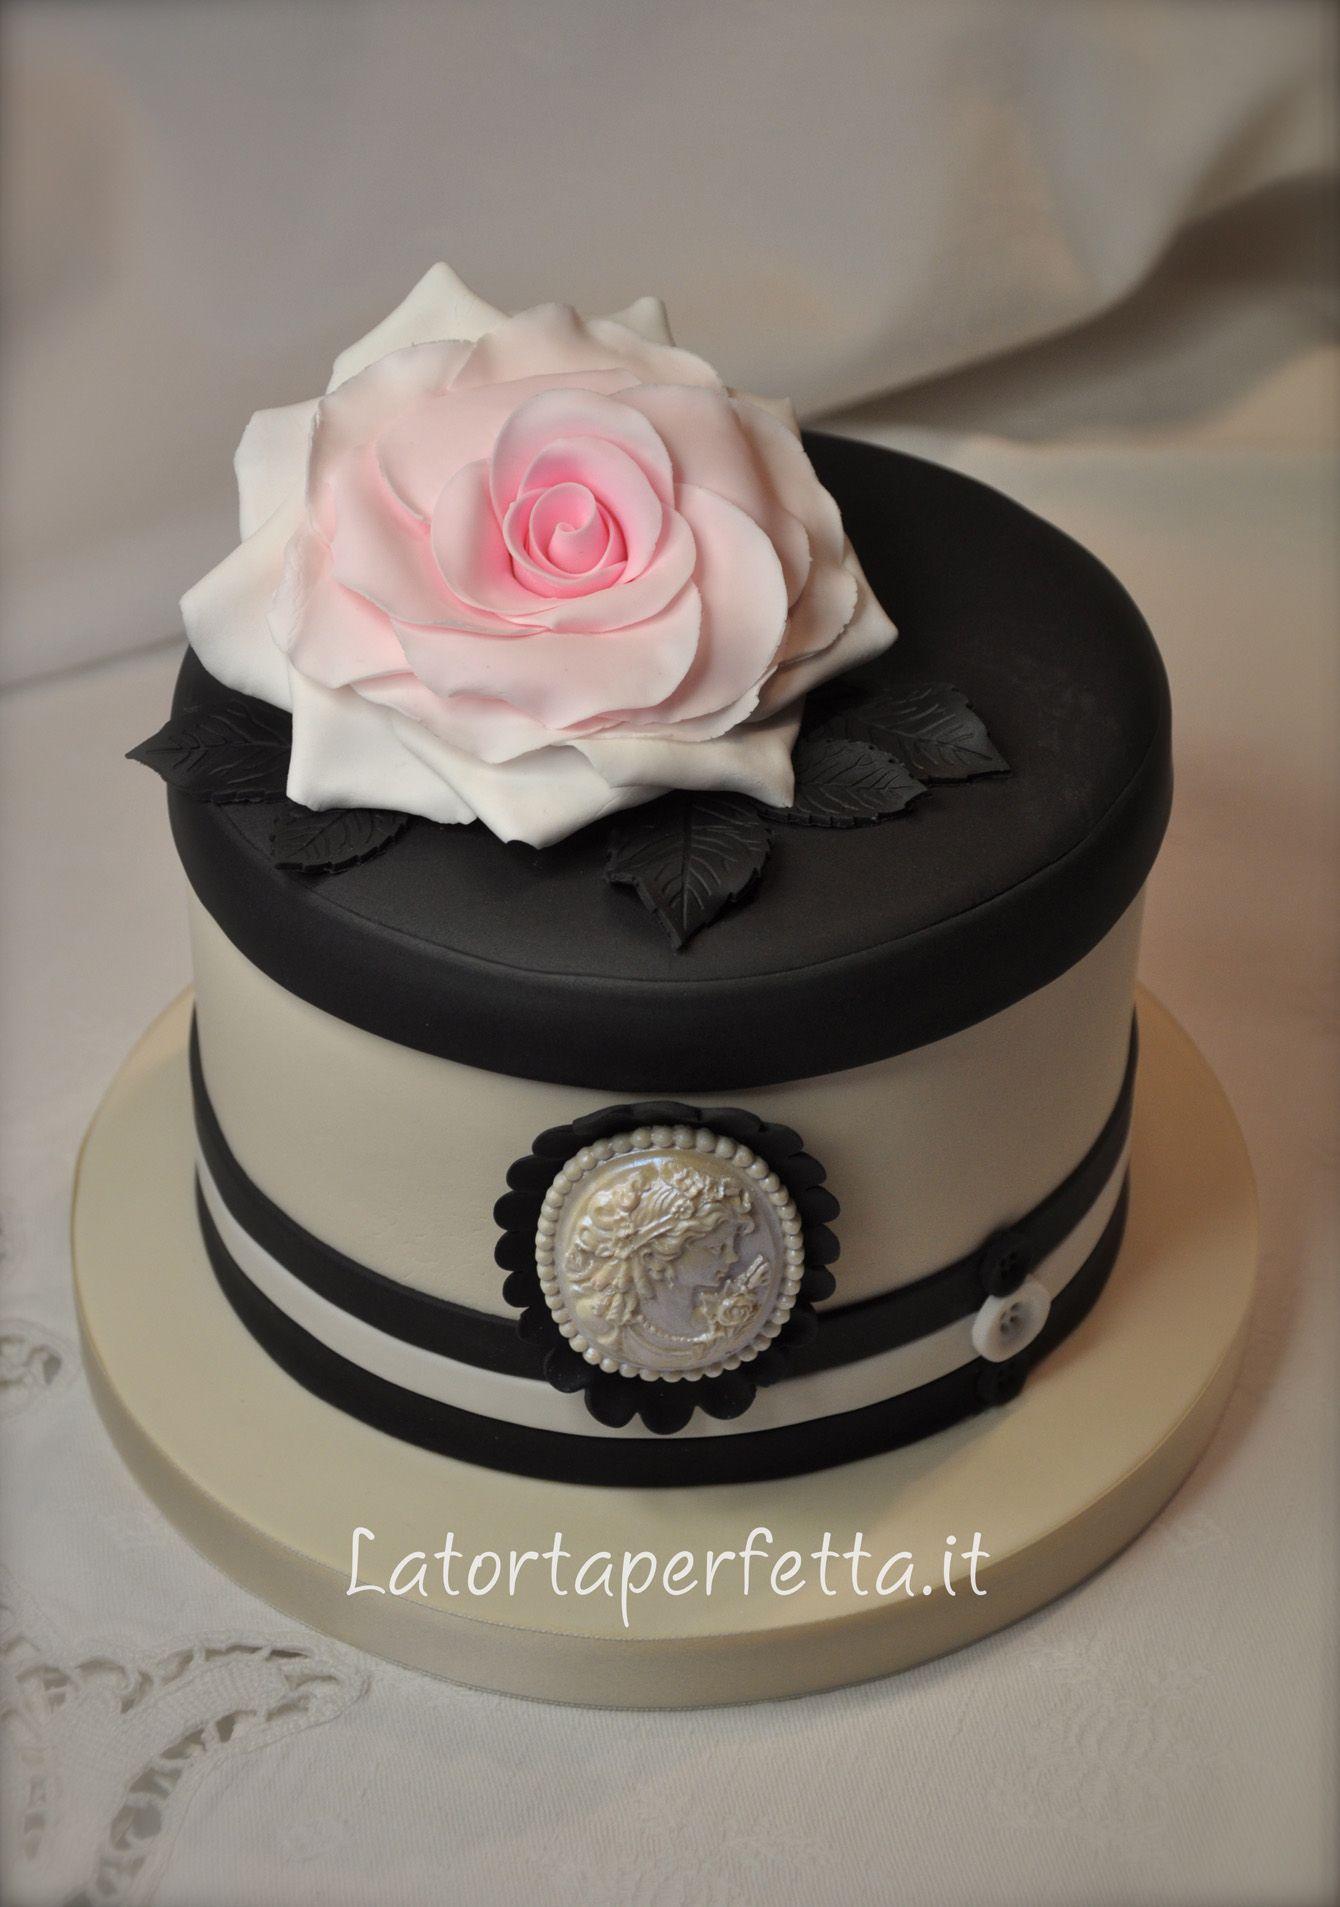 Corsi Cake Design A Bologna La Torta Perfetta 40th Birthday Cake